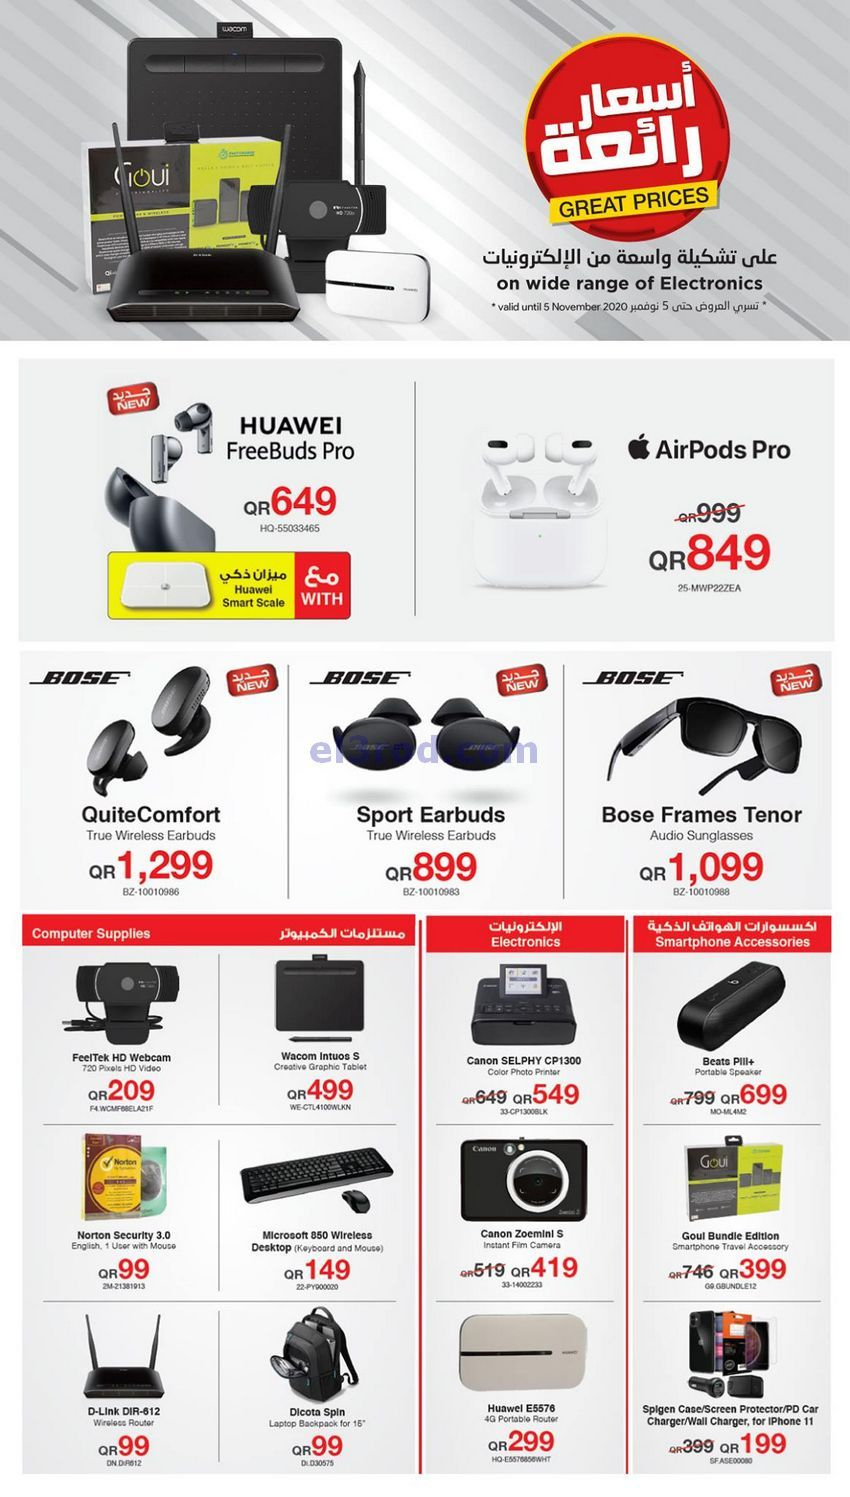 عروض جرير قطر الإلكترونيات حتى 5 11 2020 Wireless Sport Earbuds Earbuds Bose Sport Earbuds